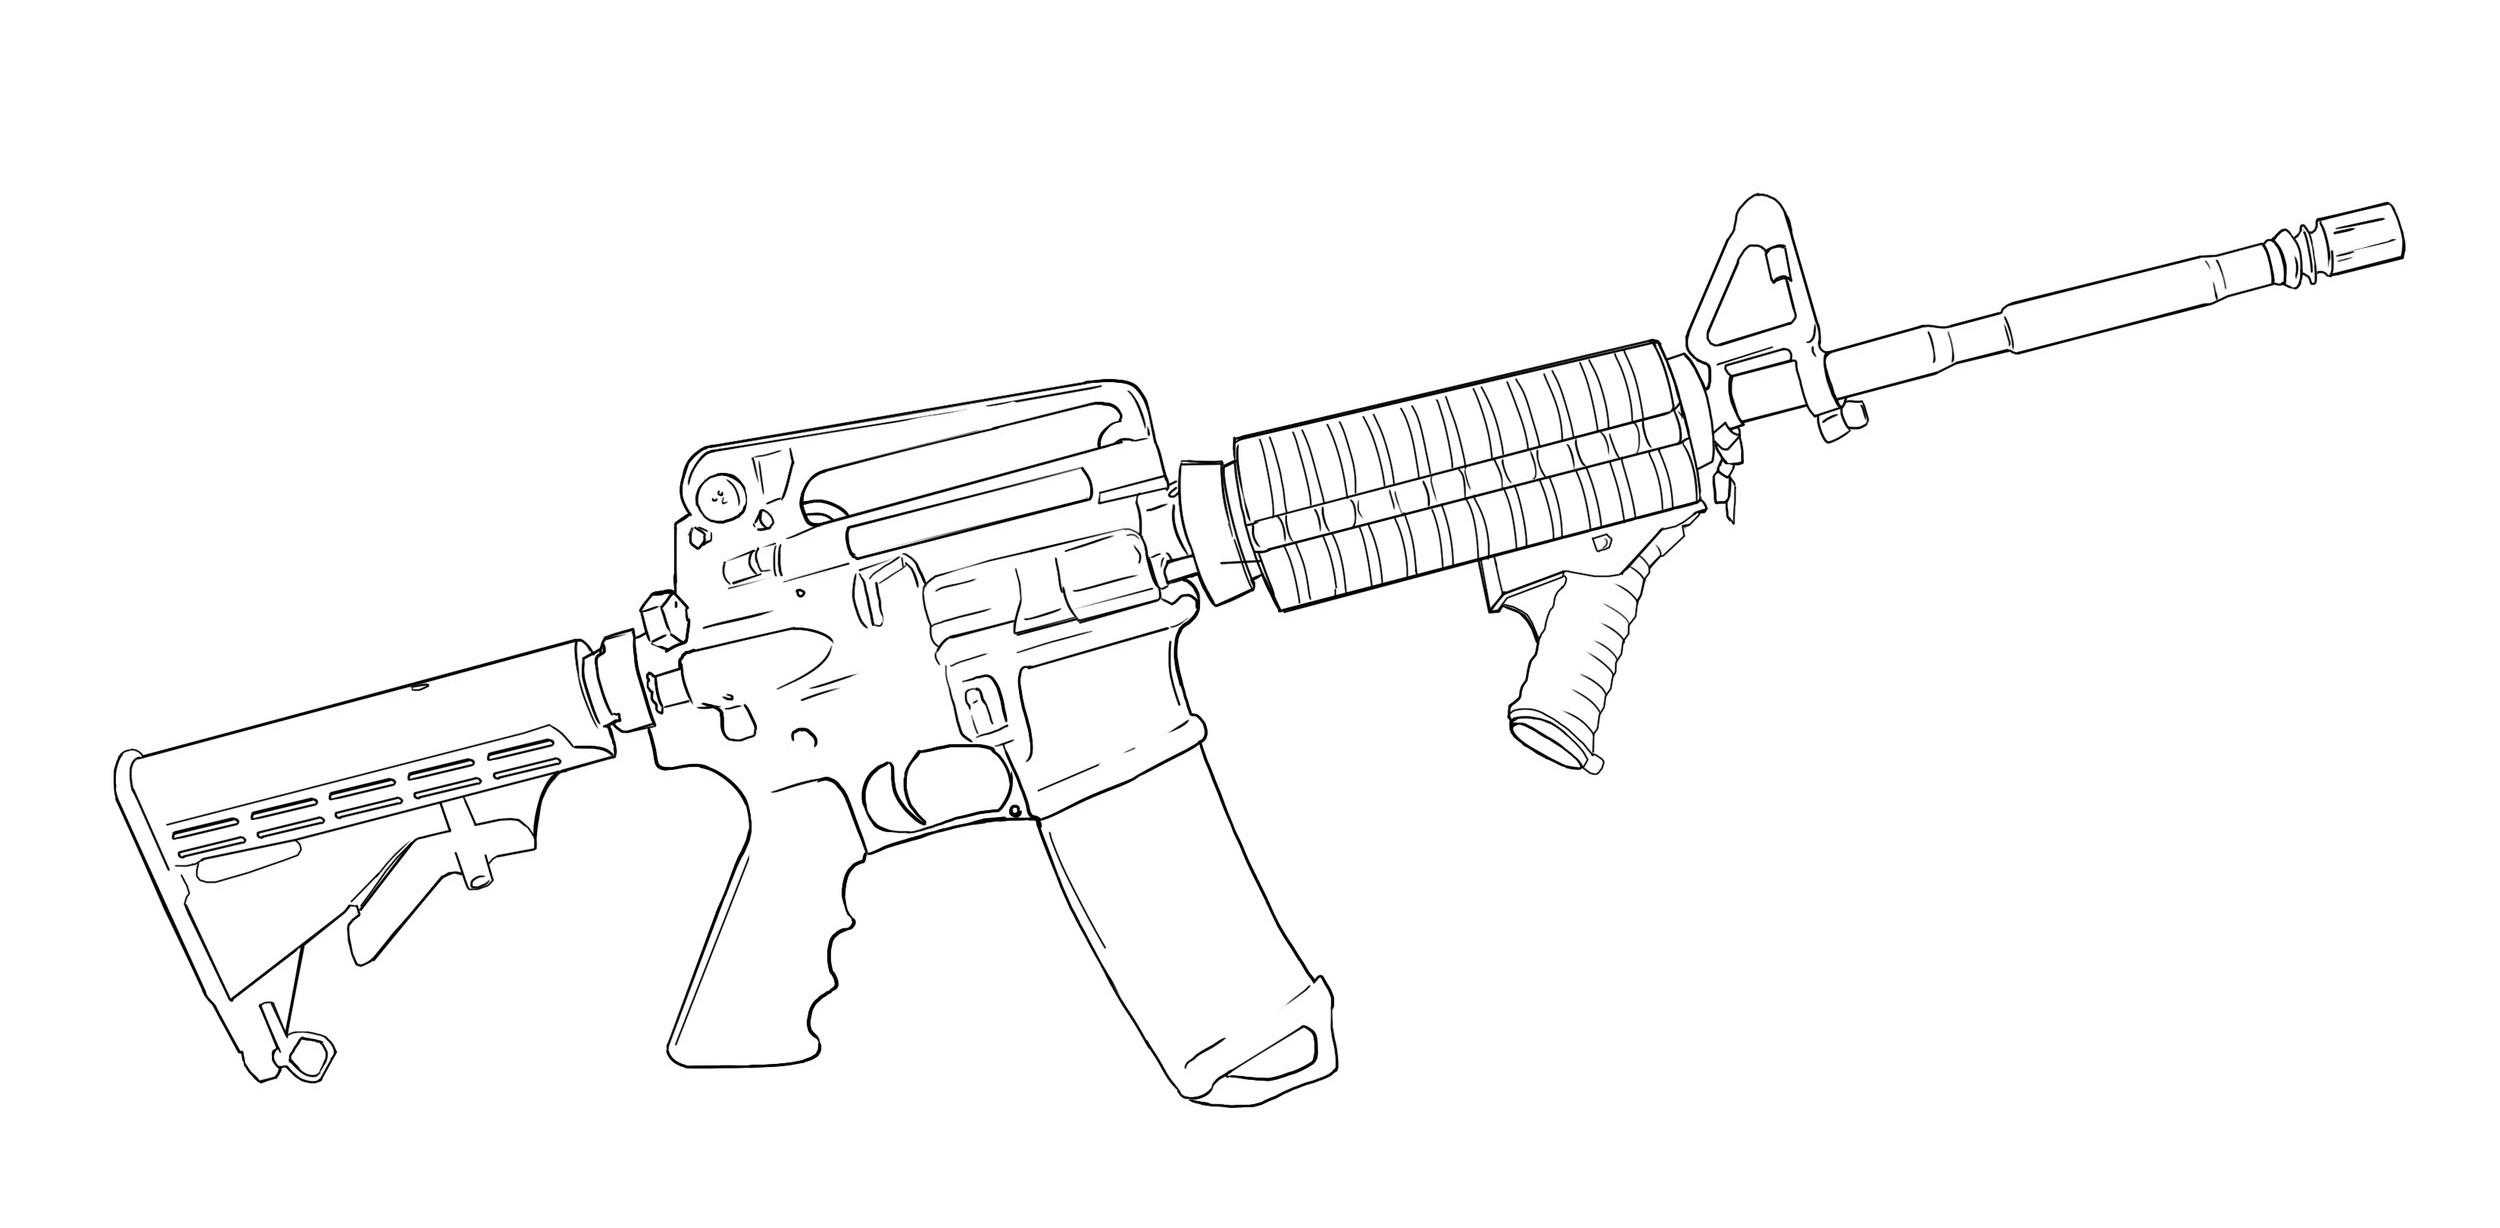 technical+assault+weapon+-+darker+lines.jpg